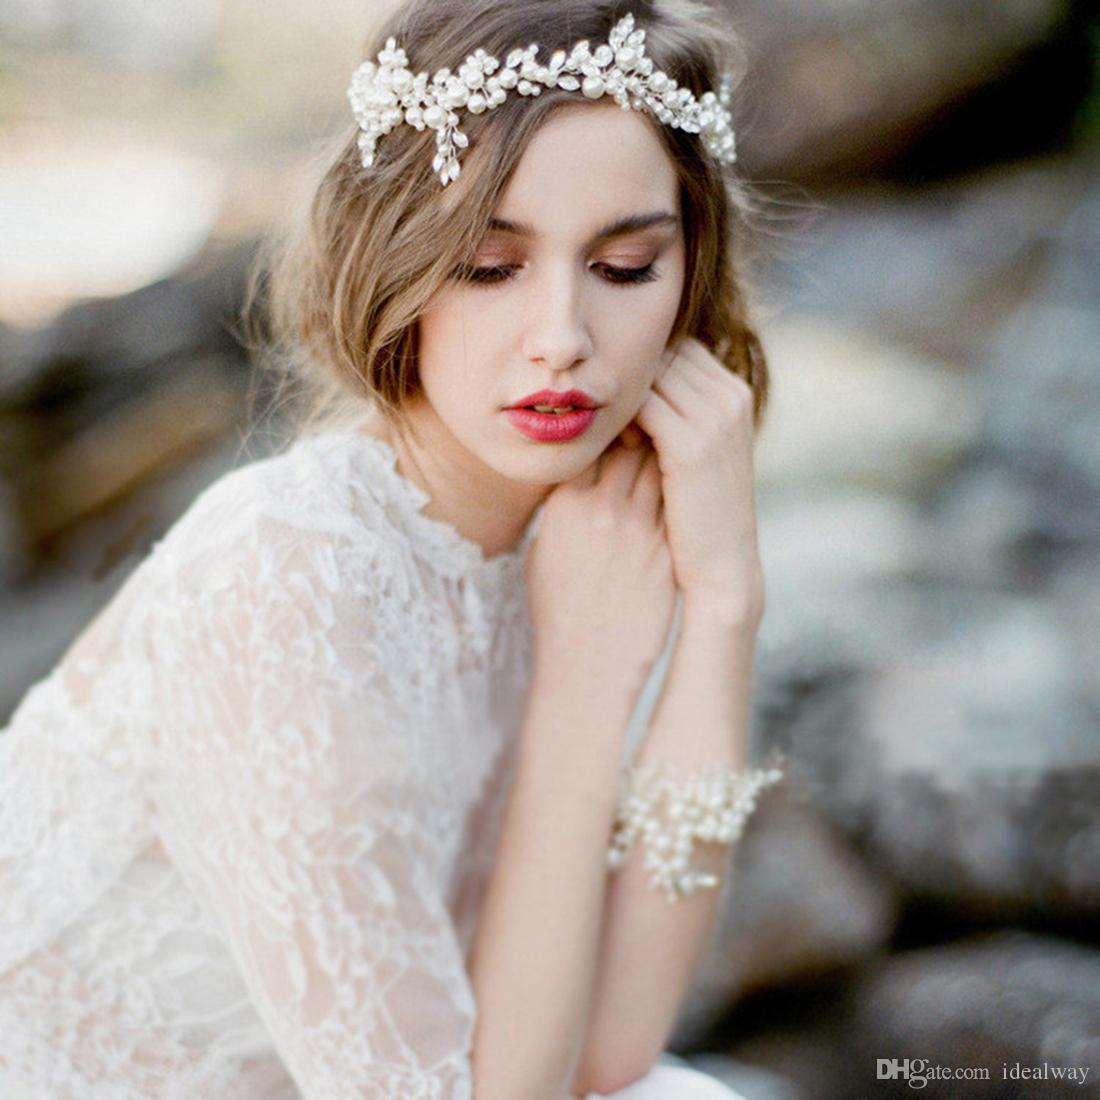 الولايات المتحدة مستودع الشعر قانون دور العروس لؤلؤة غطاء الرأس مكلفة رومانسية الزفاف الشعر الفرقة مجوهرات مجوهرات هدية